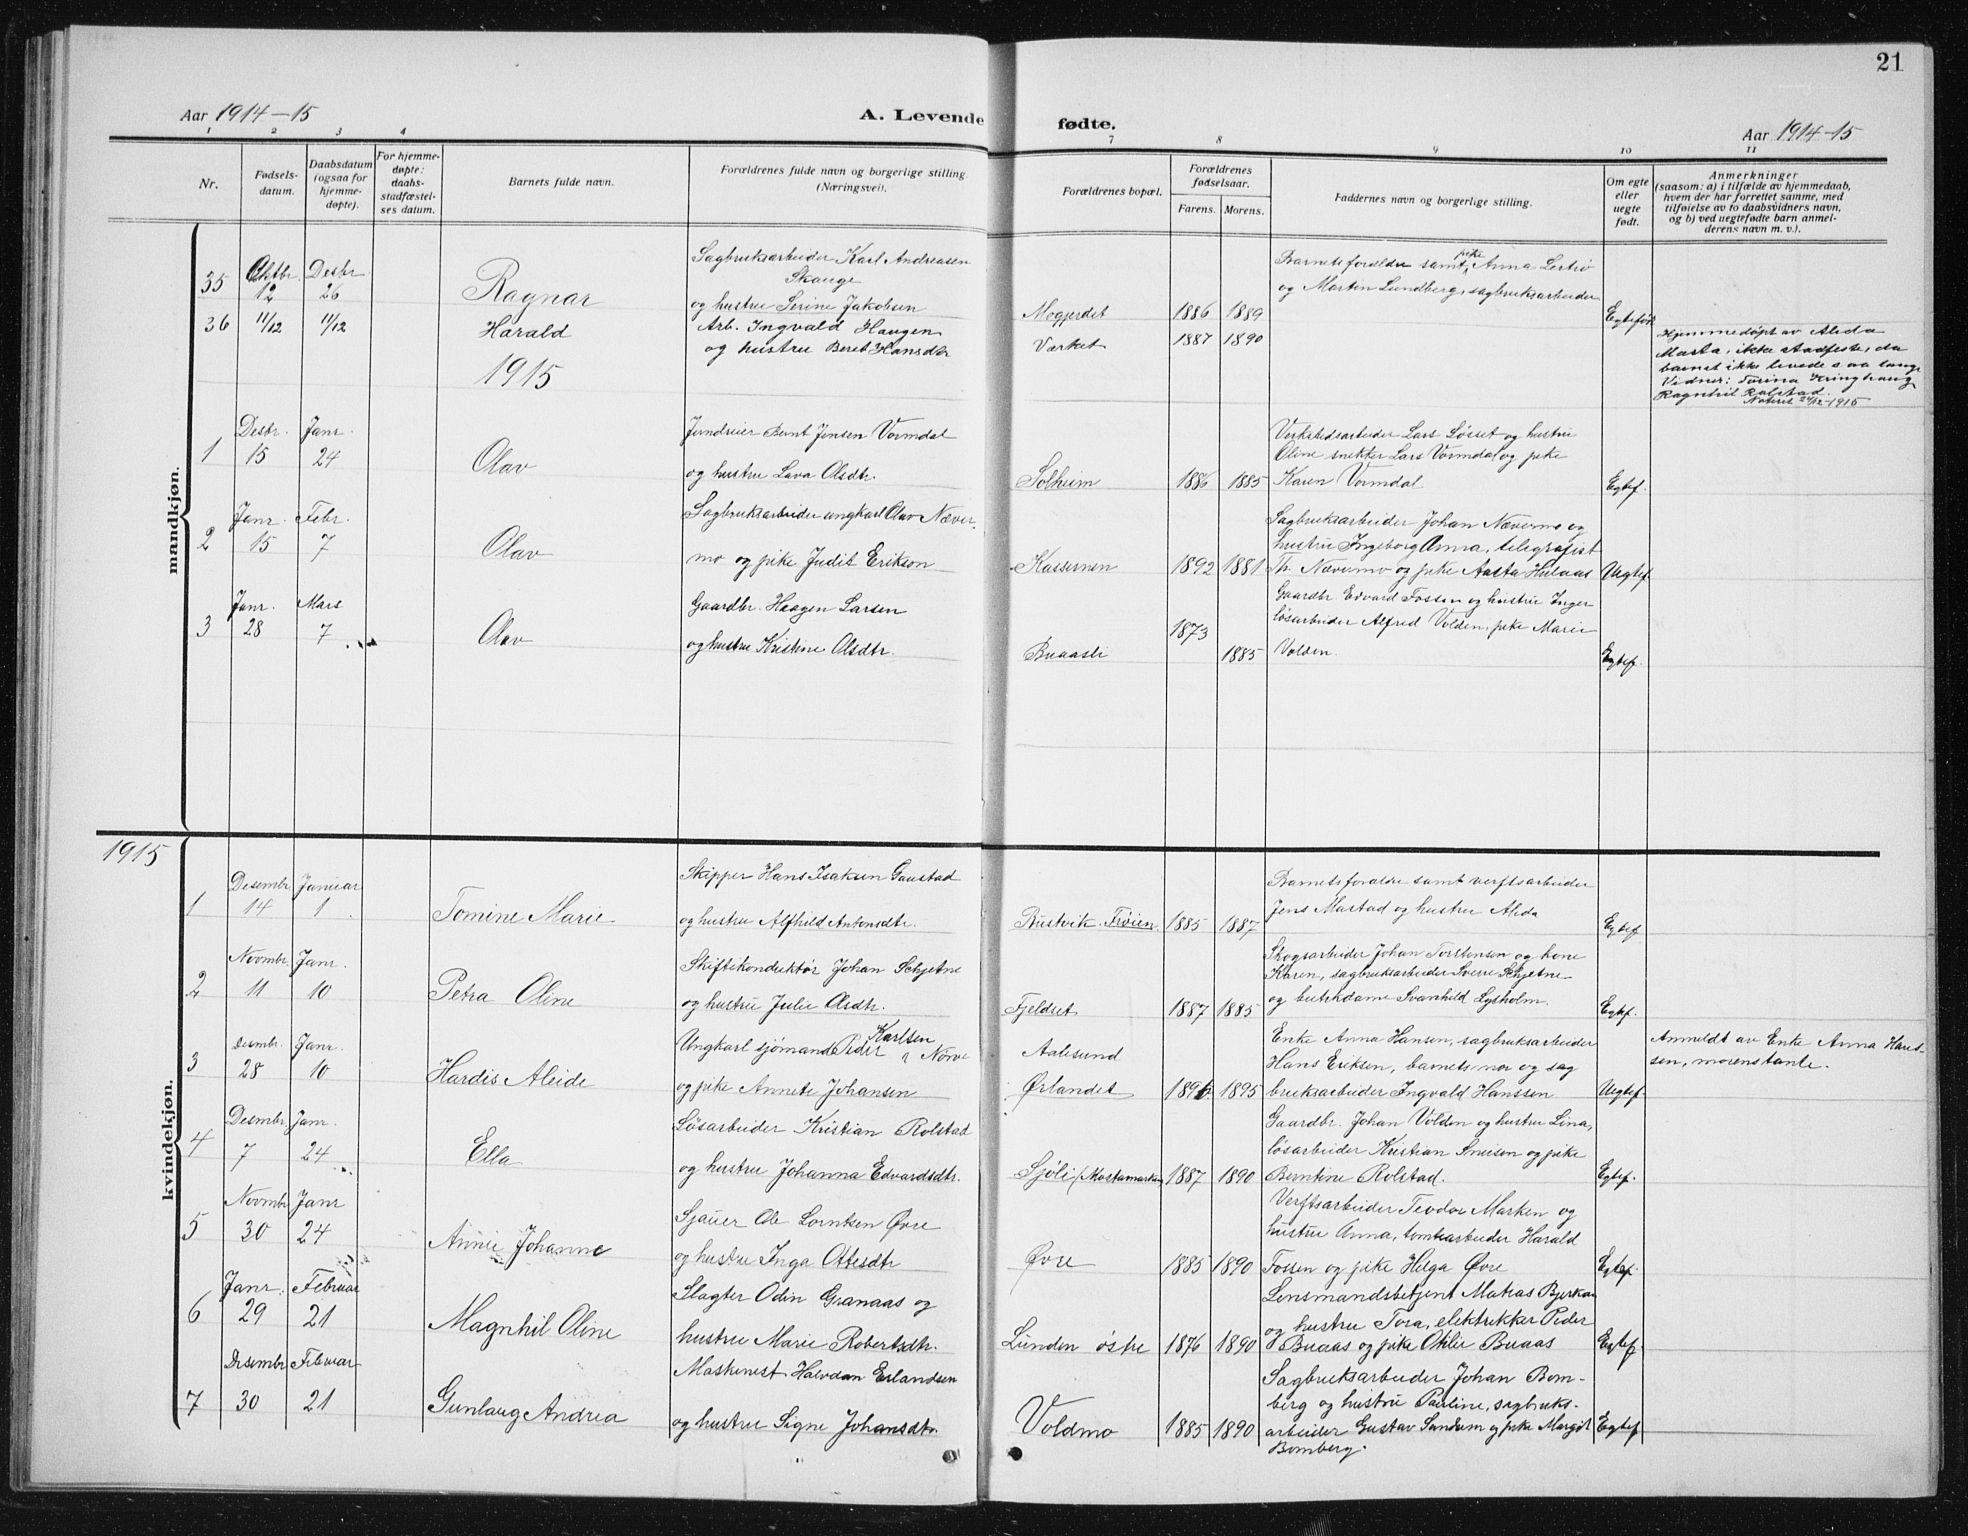 SAT, Ministerialprotokoller, klokkerbøker og fødselsregistre - Sør-Trøndelag, 617/L0431: Klokkerbok nr. 617C02, 1910-1936, s. 21